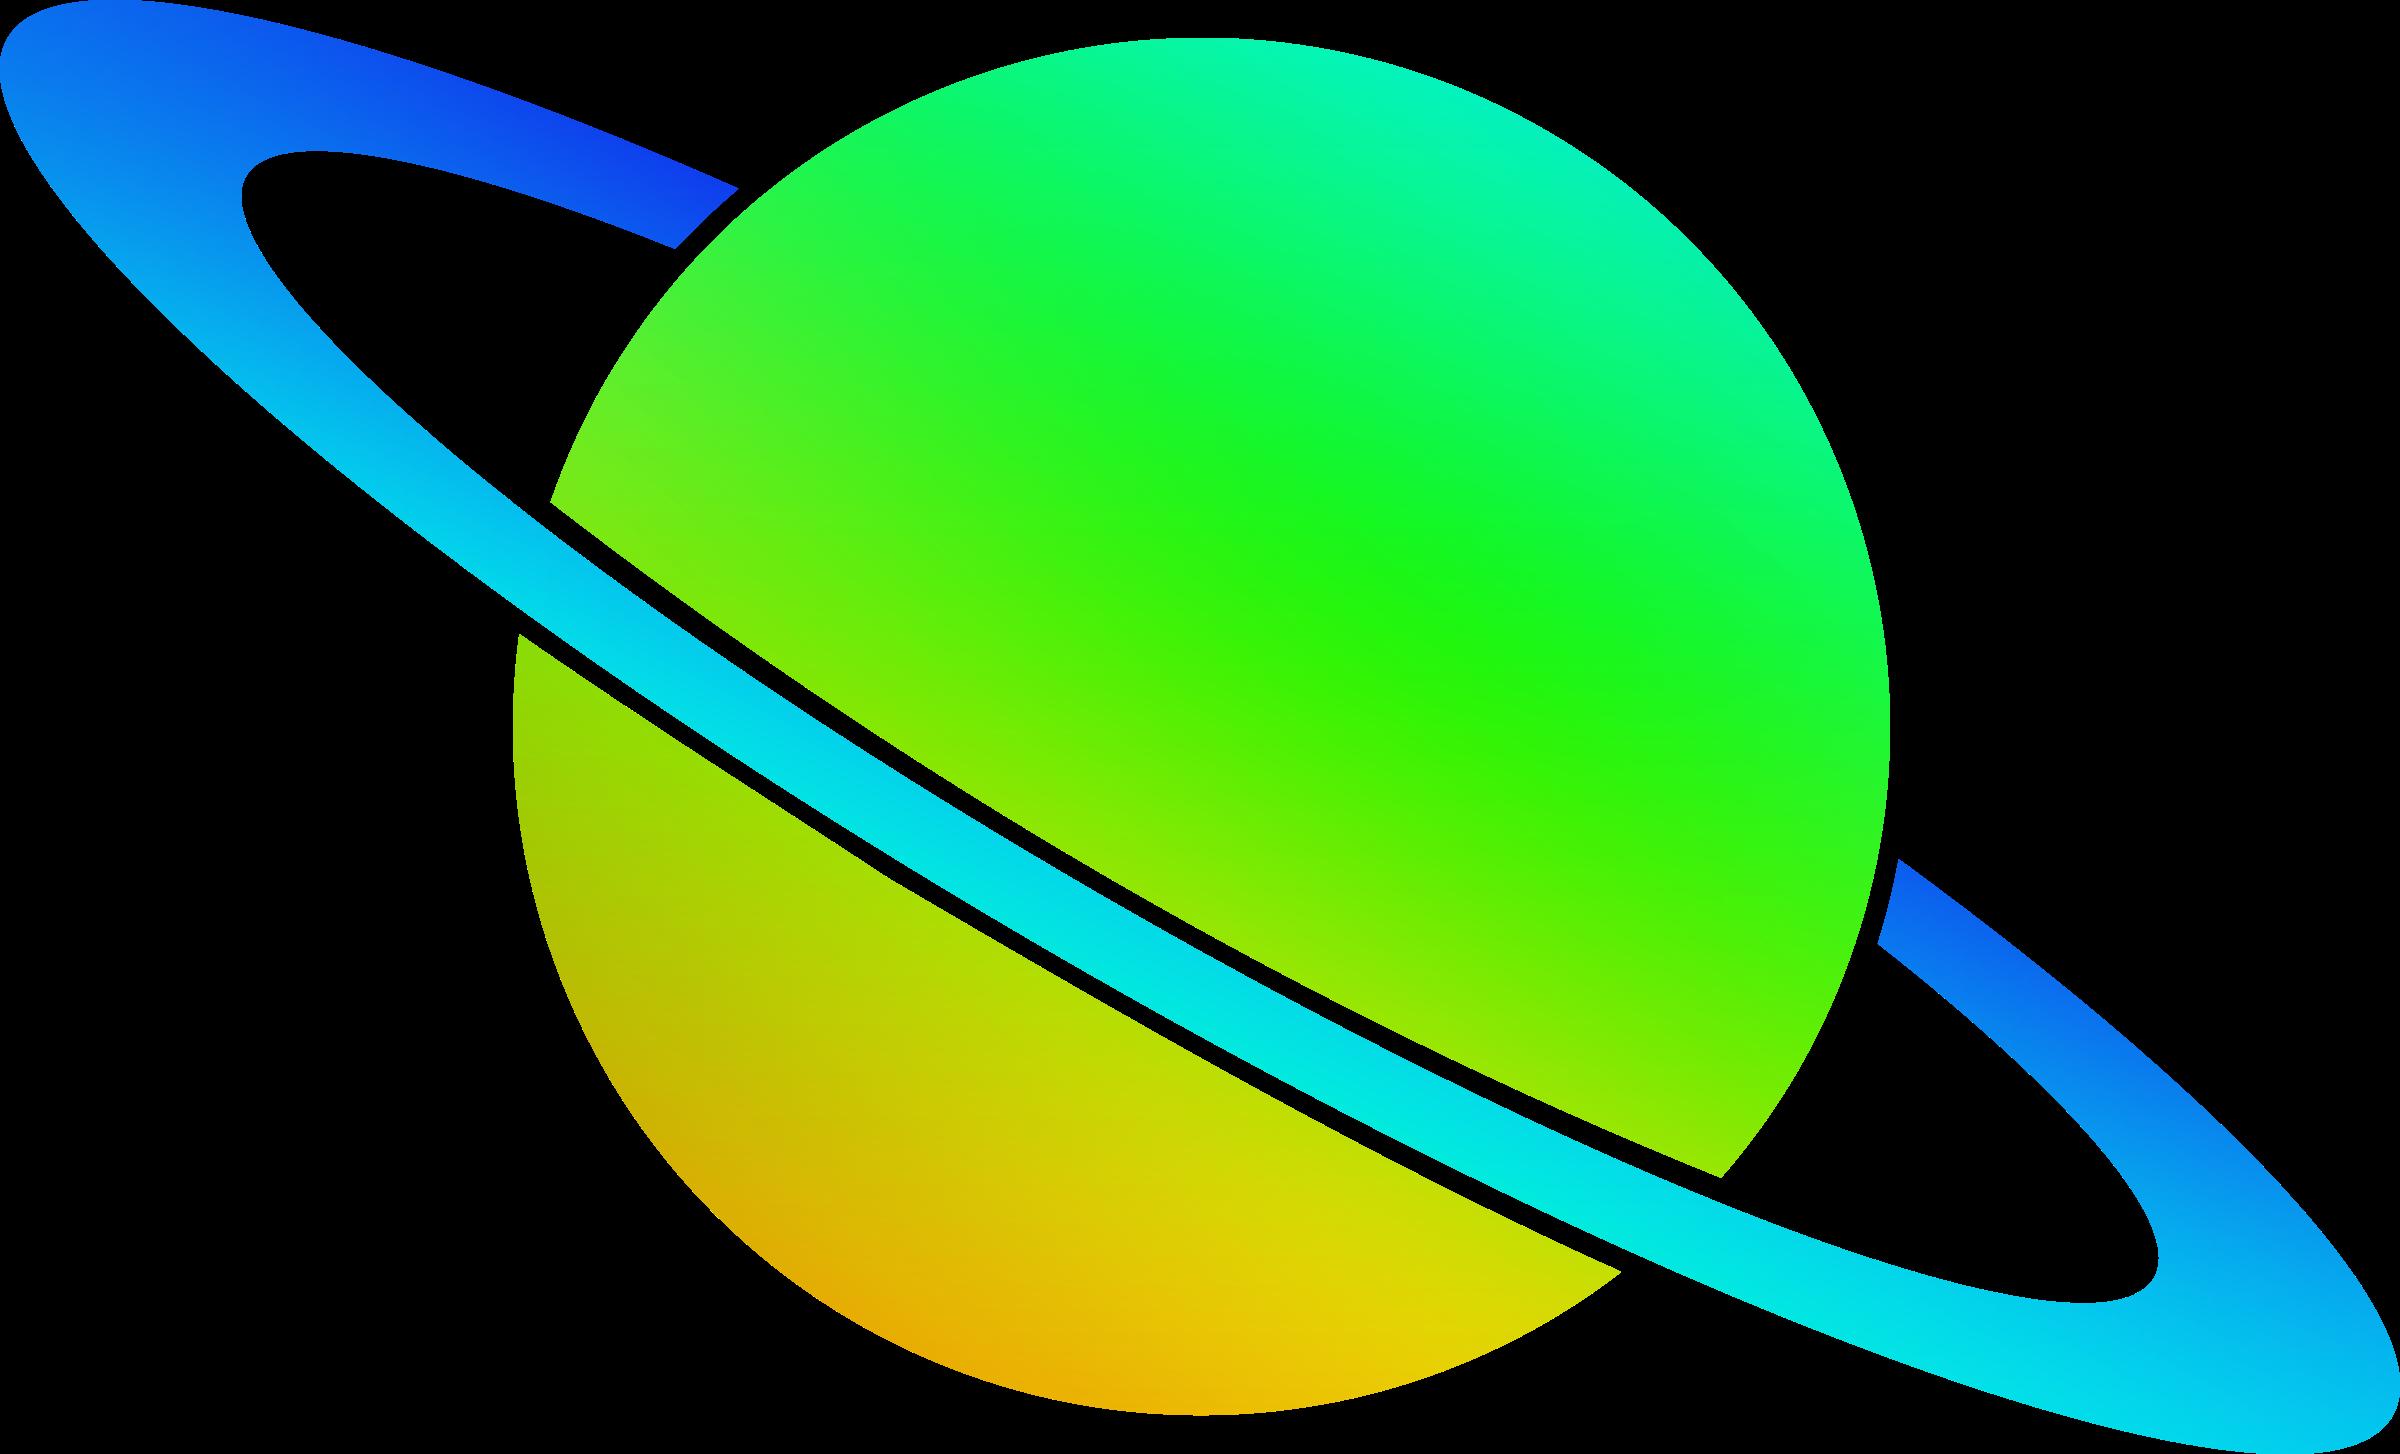 Planet clip art tumundografico 2.